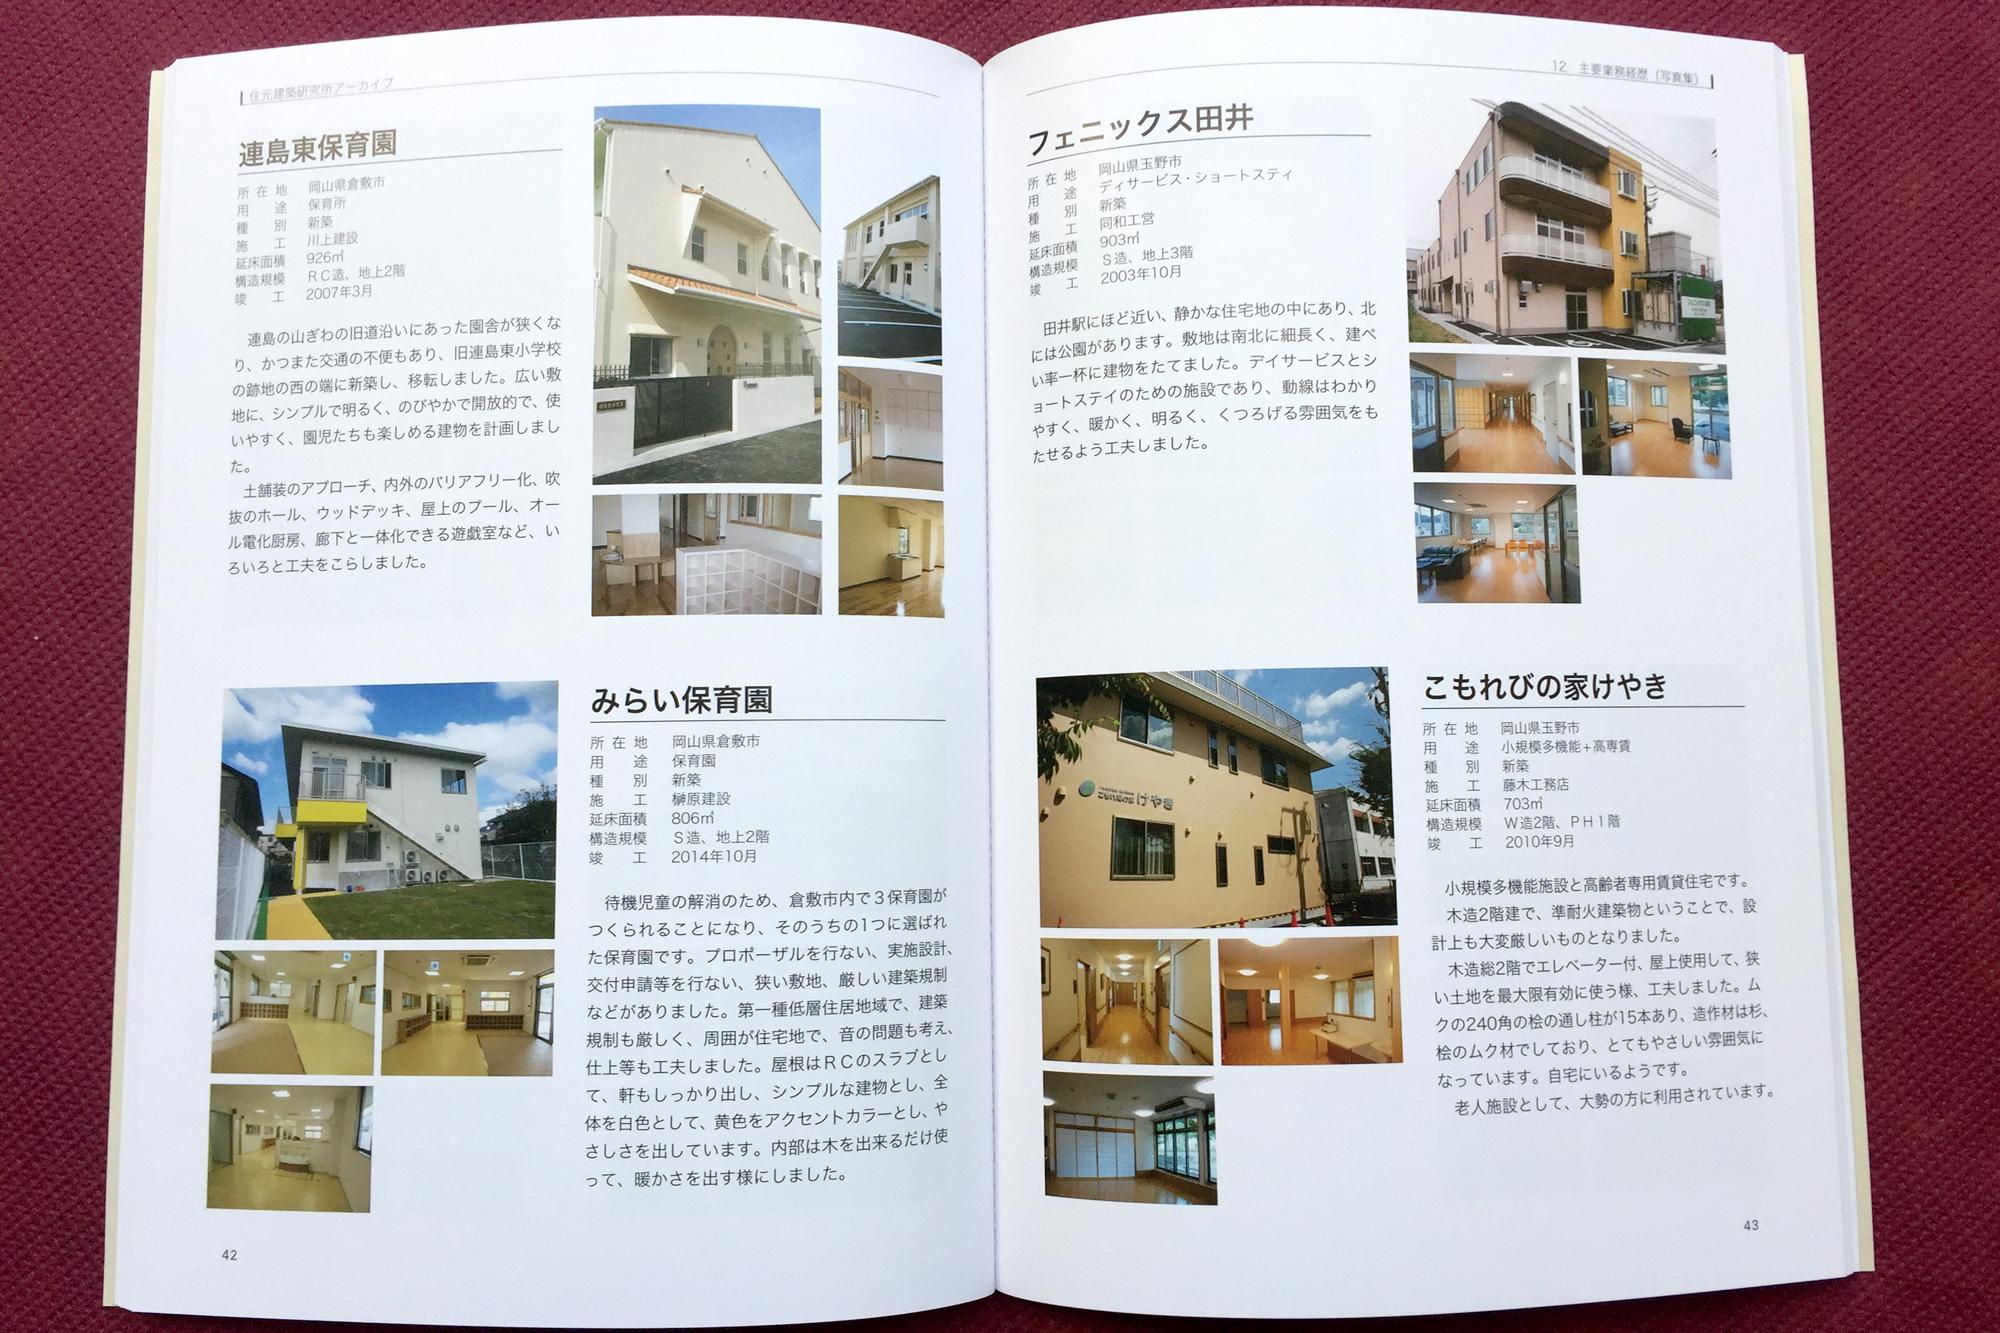 住元建築研究所アーカイブ 保育園や福祉施設の設計も